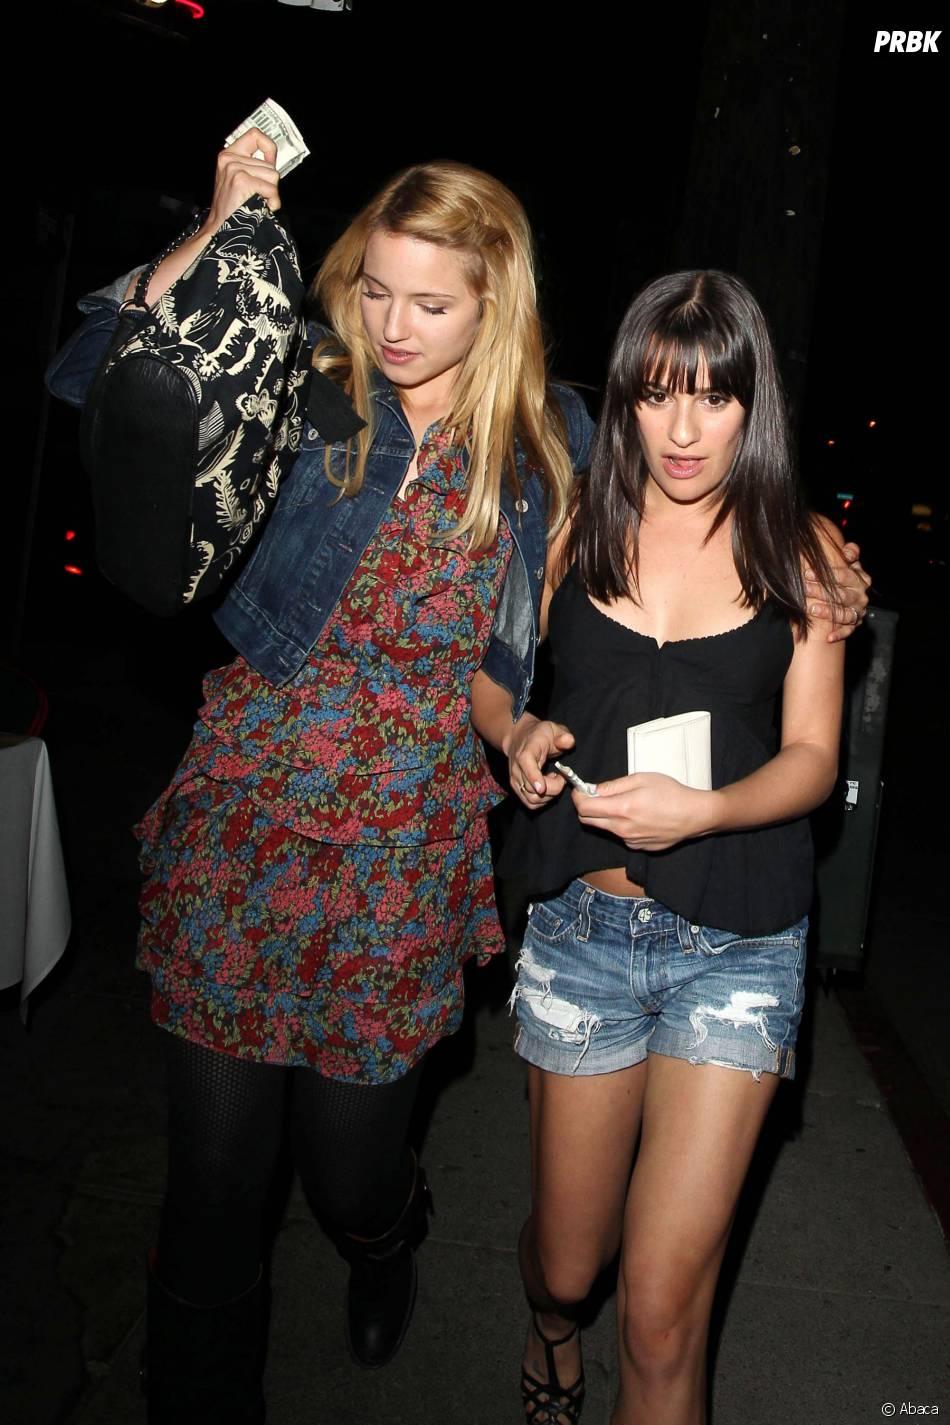 Dianna Agron et Lea Michele à la sortie d'un restaurant de Los Angeles, le 4 novembre 2010